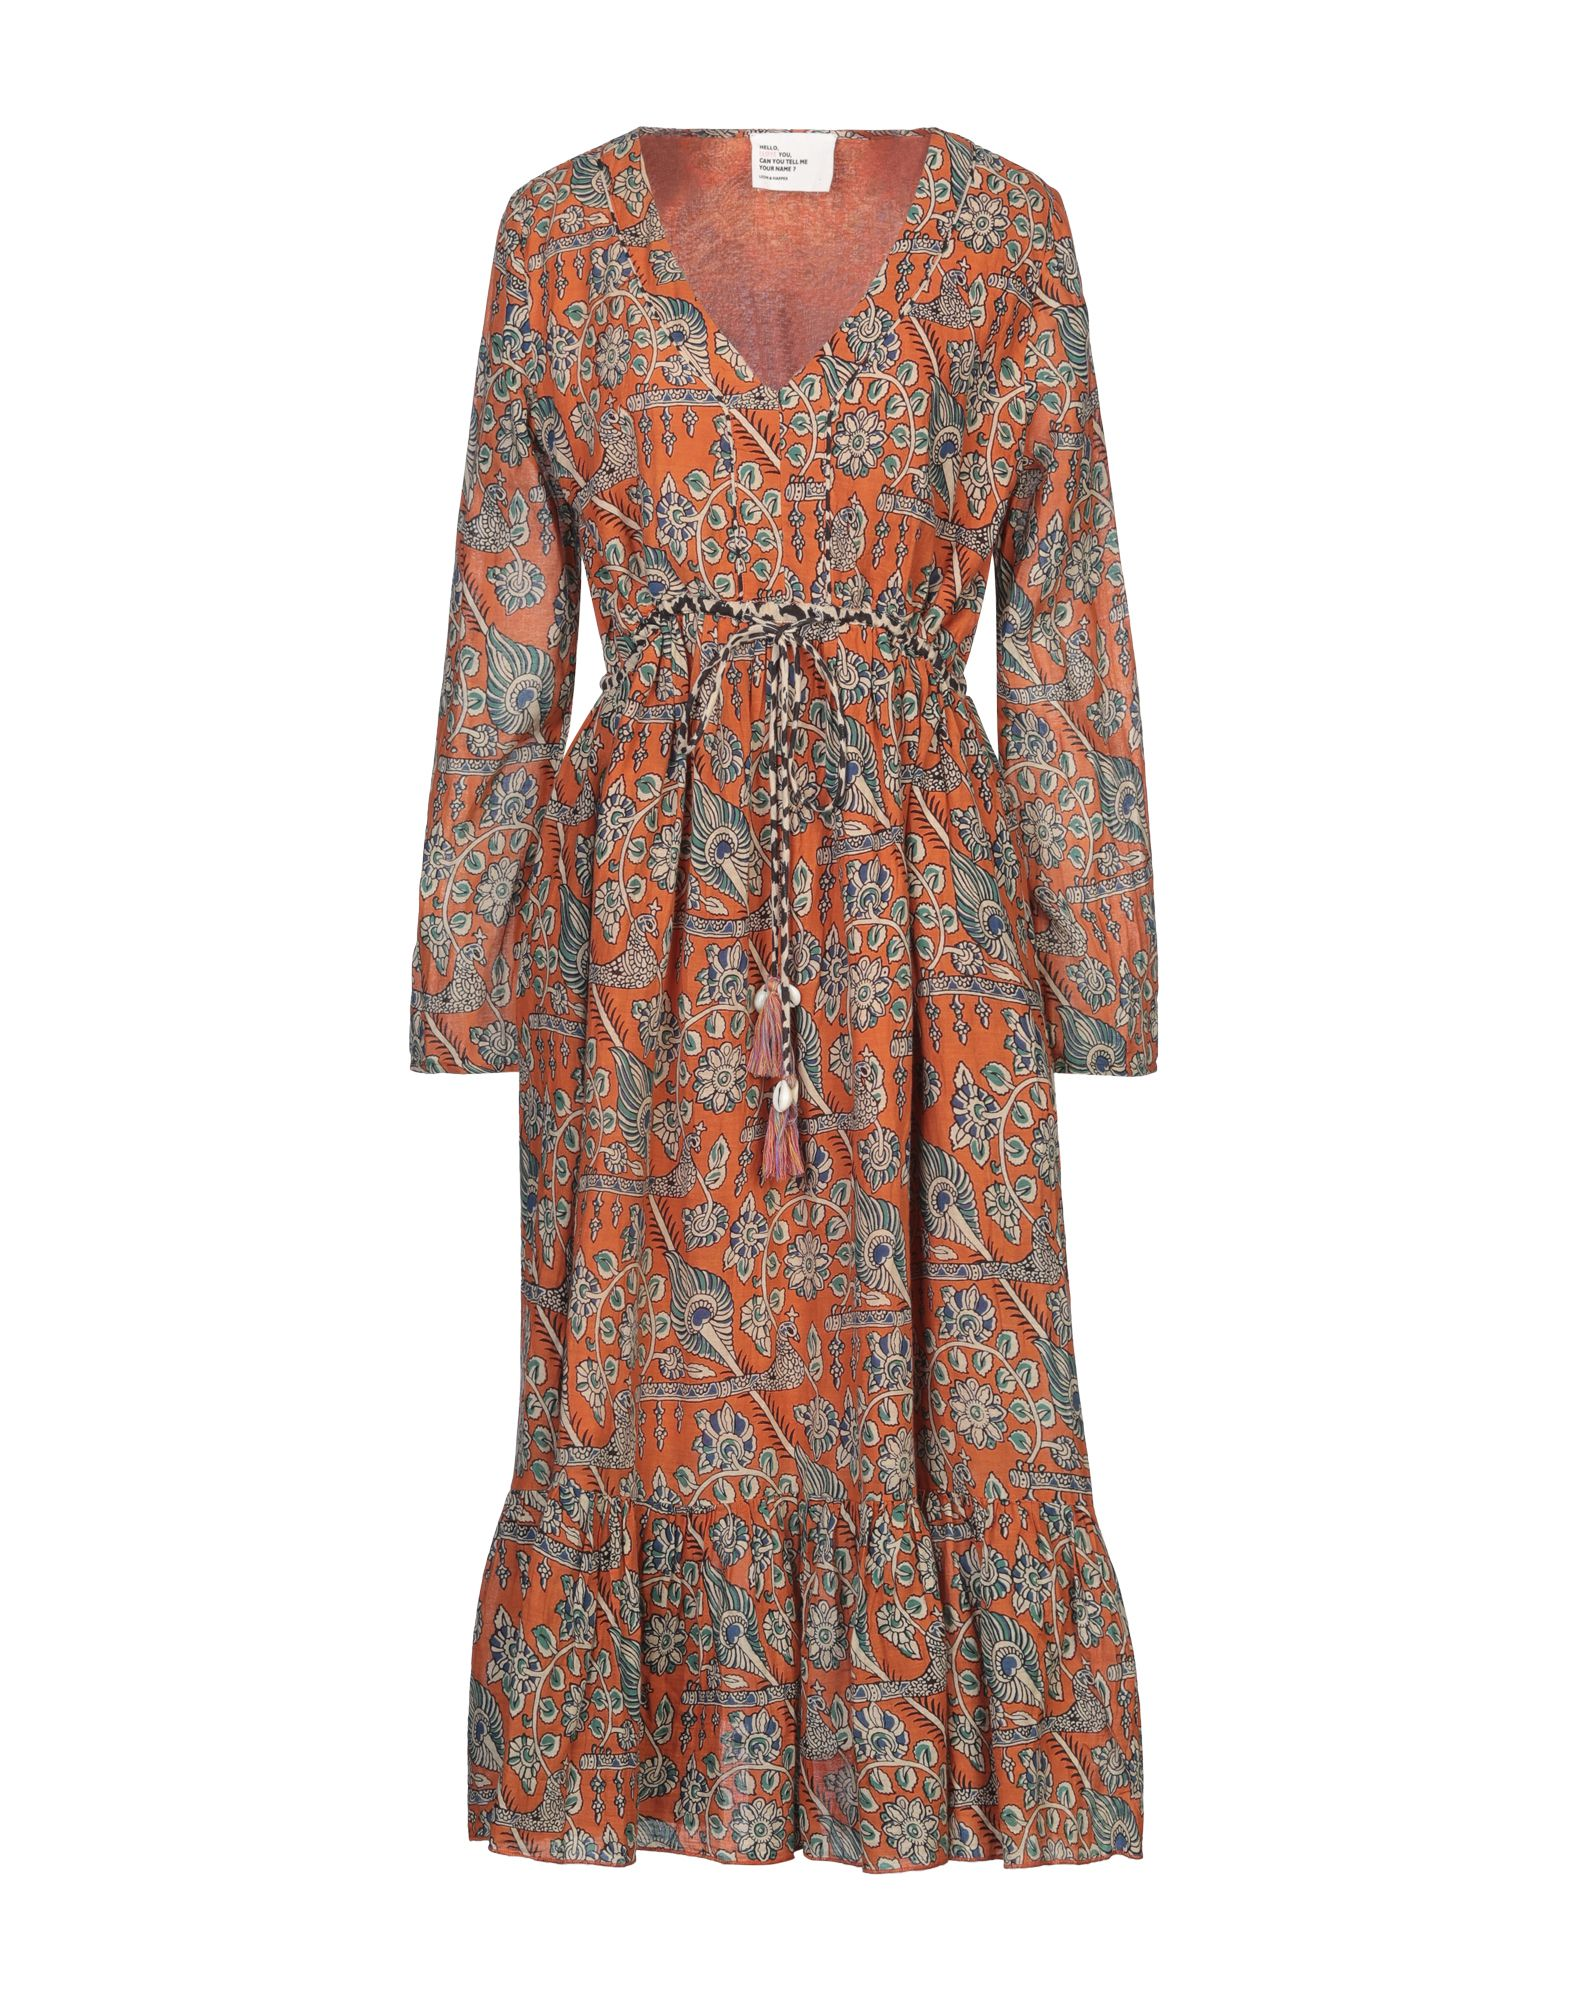 LEON & HARPER Платье длиной 3/4